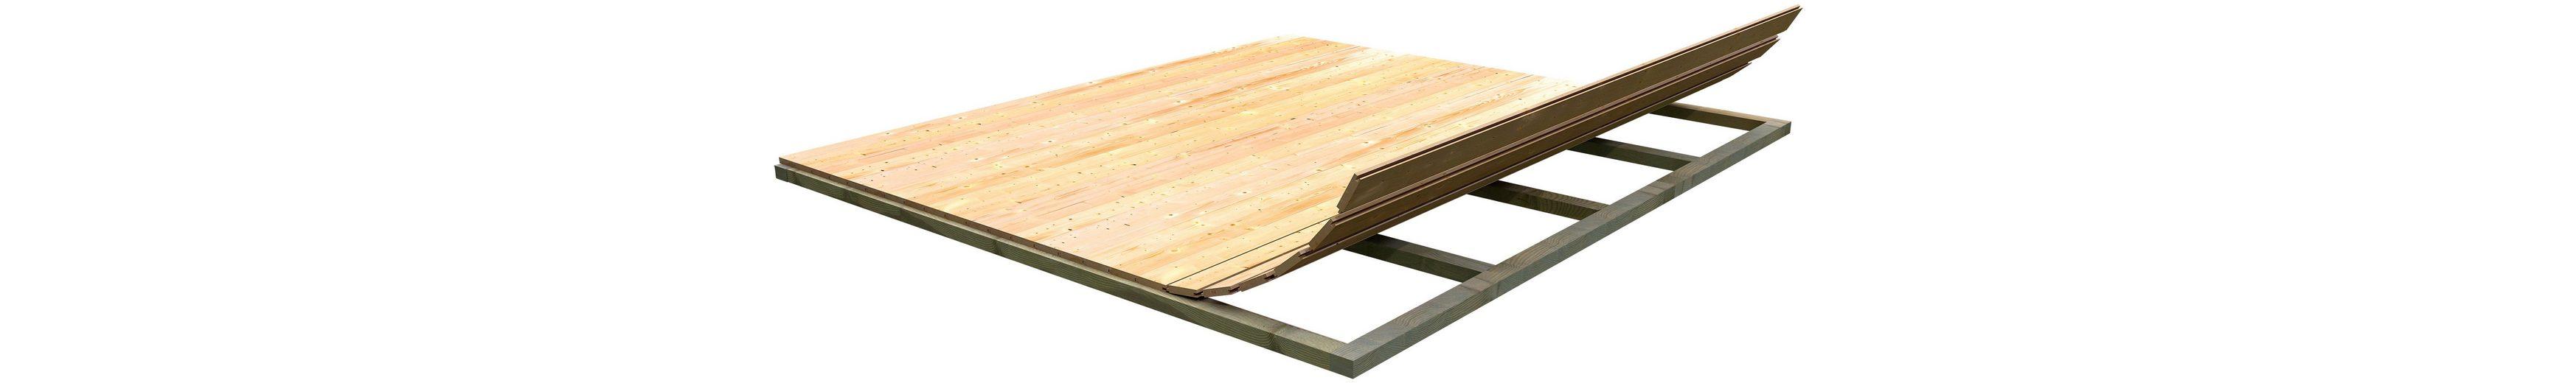 Fußboden für Gartenhäuser »(BxT: 300 x 250 cm)«